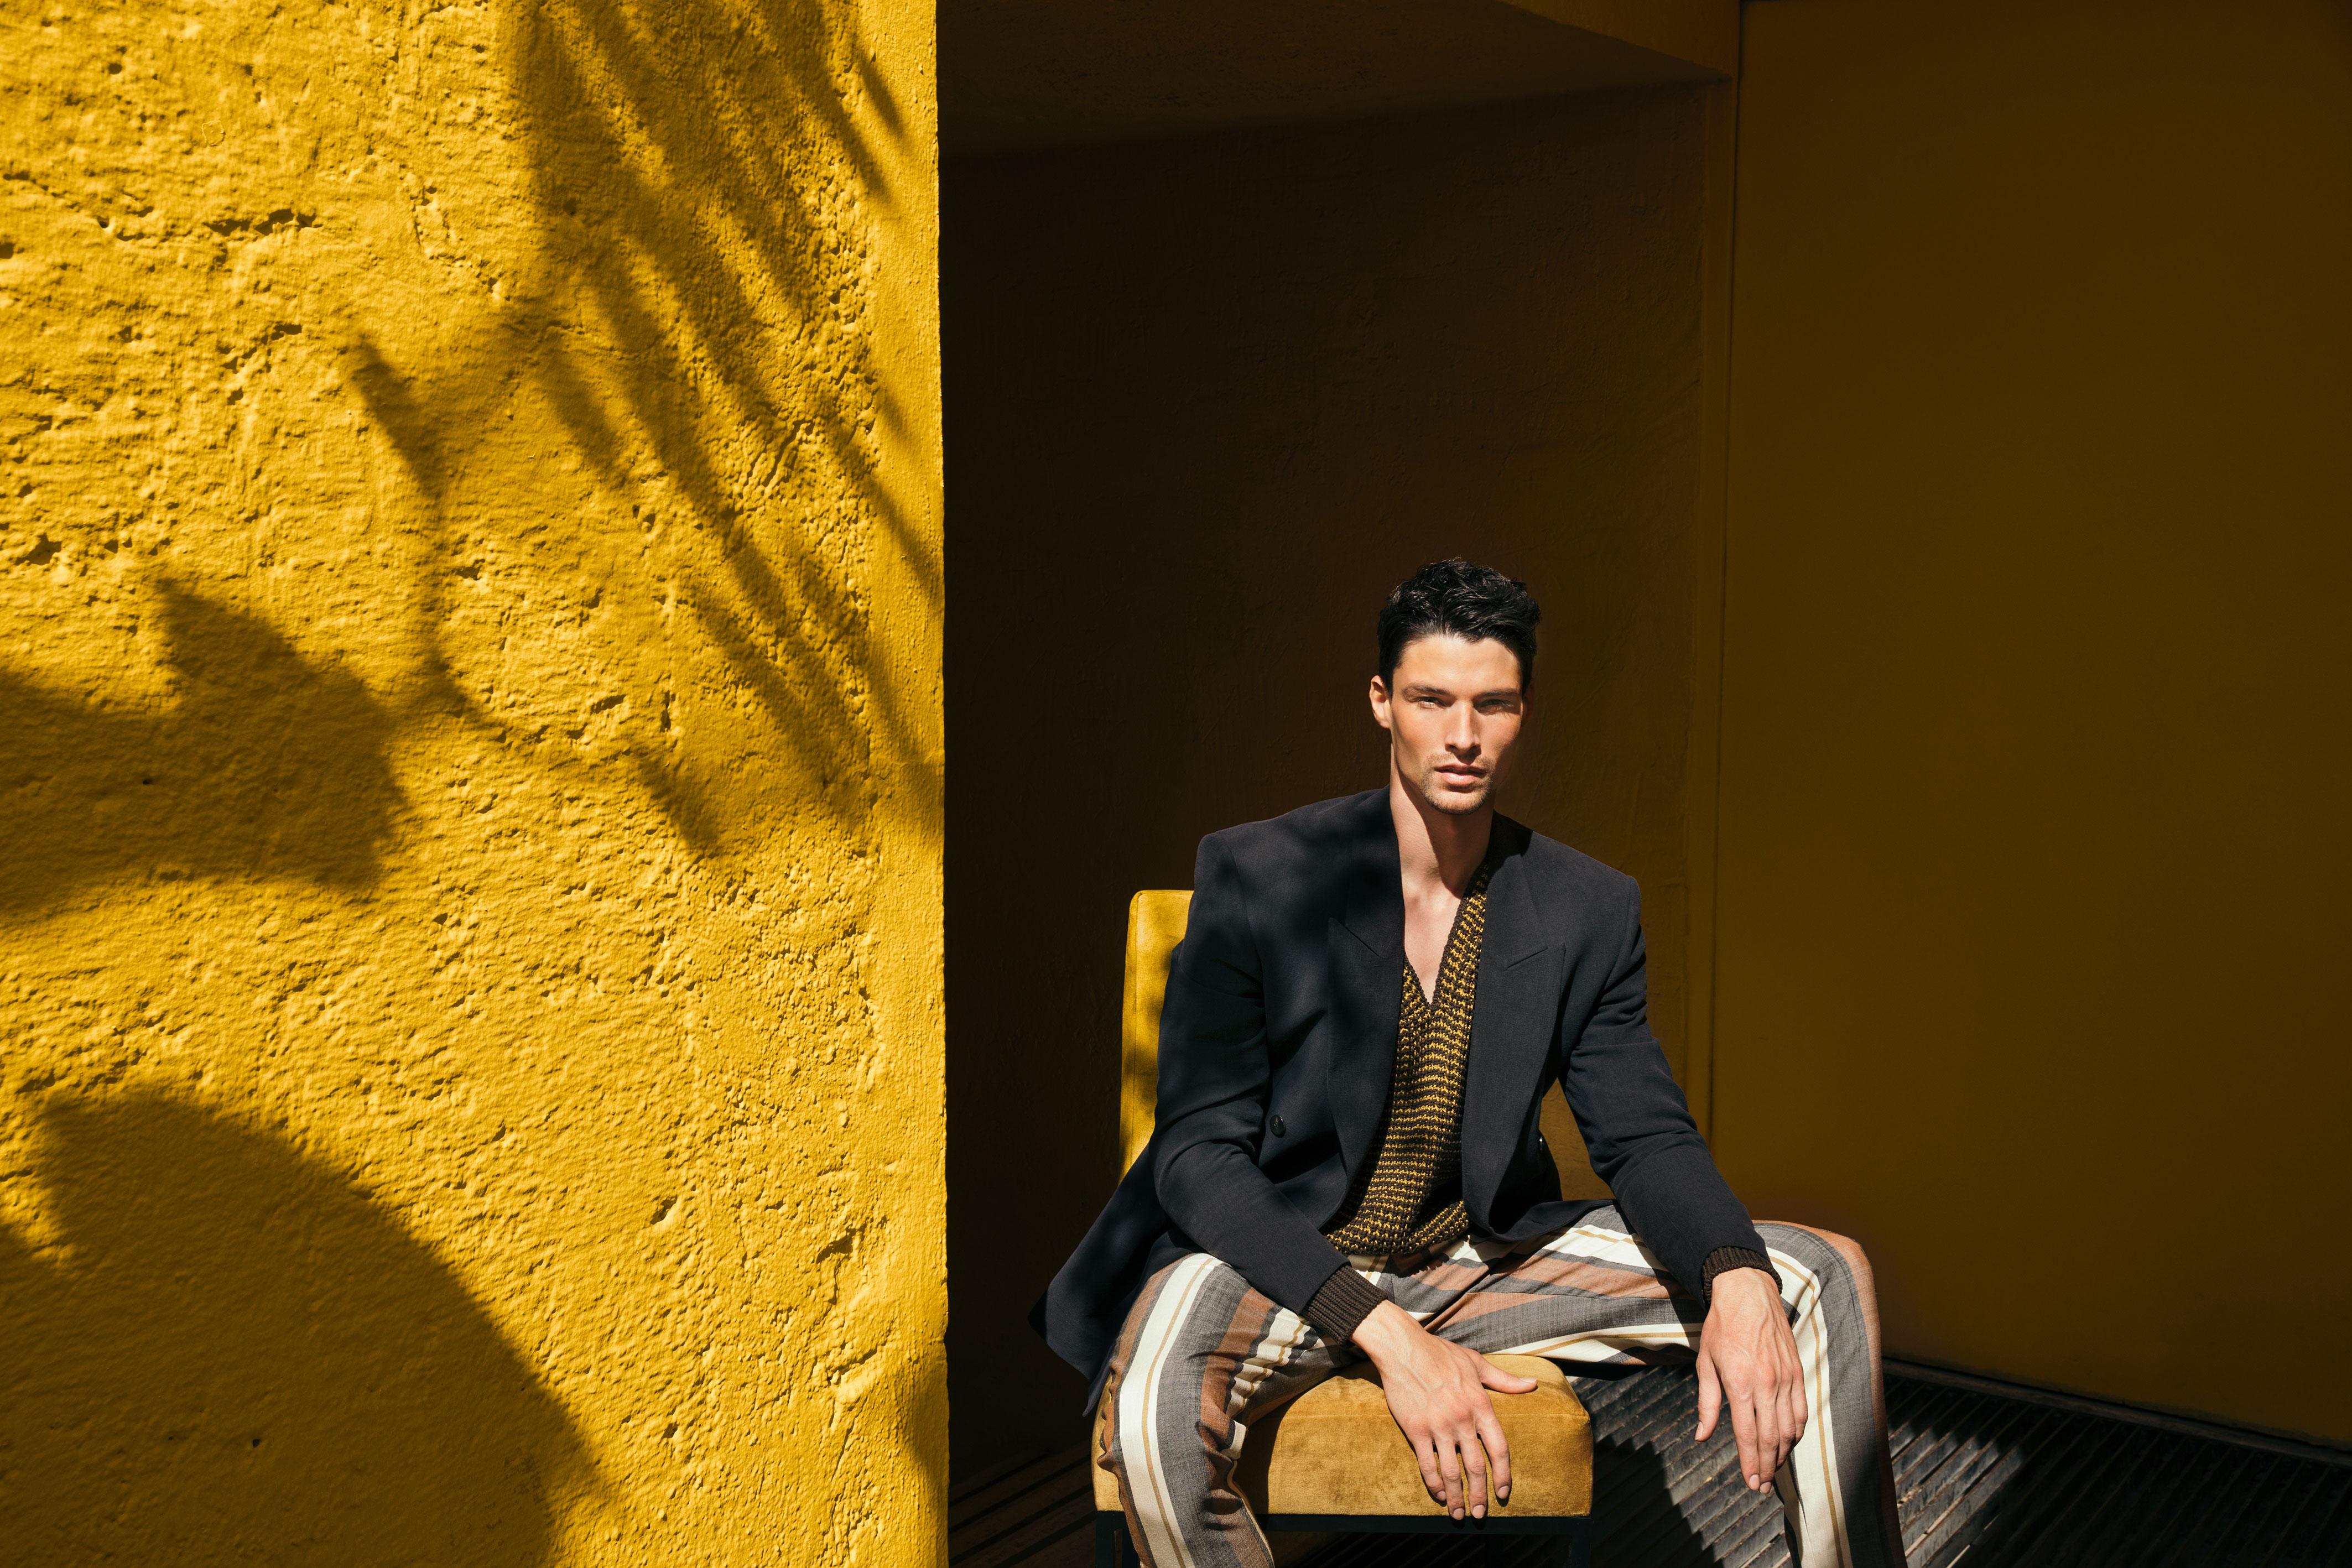 El Libro Amarillo - saco Ermenegildo Zegna XXX Couture _ suéter y pantalón Ermenegildo Zegna Couture _ silla Madecor